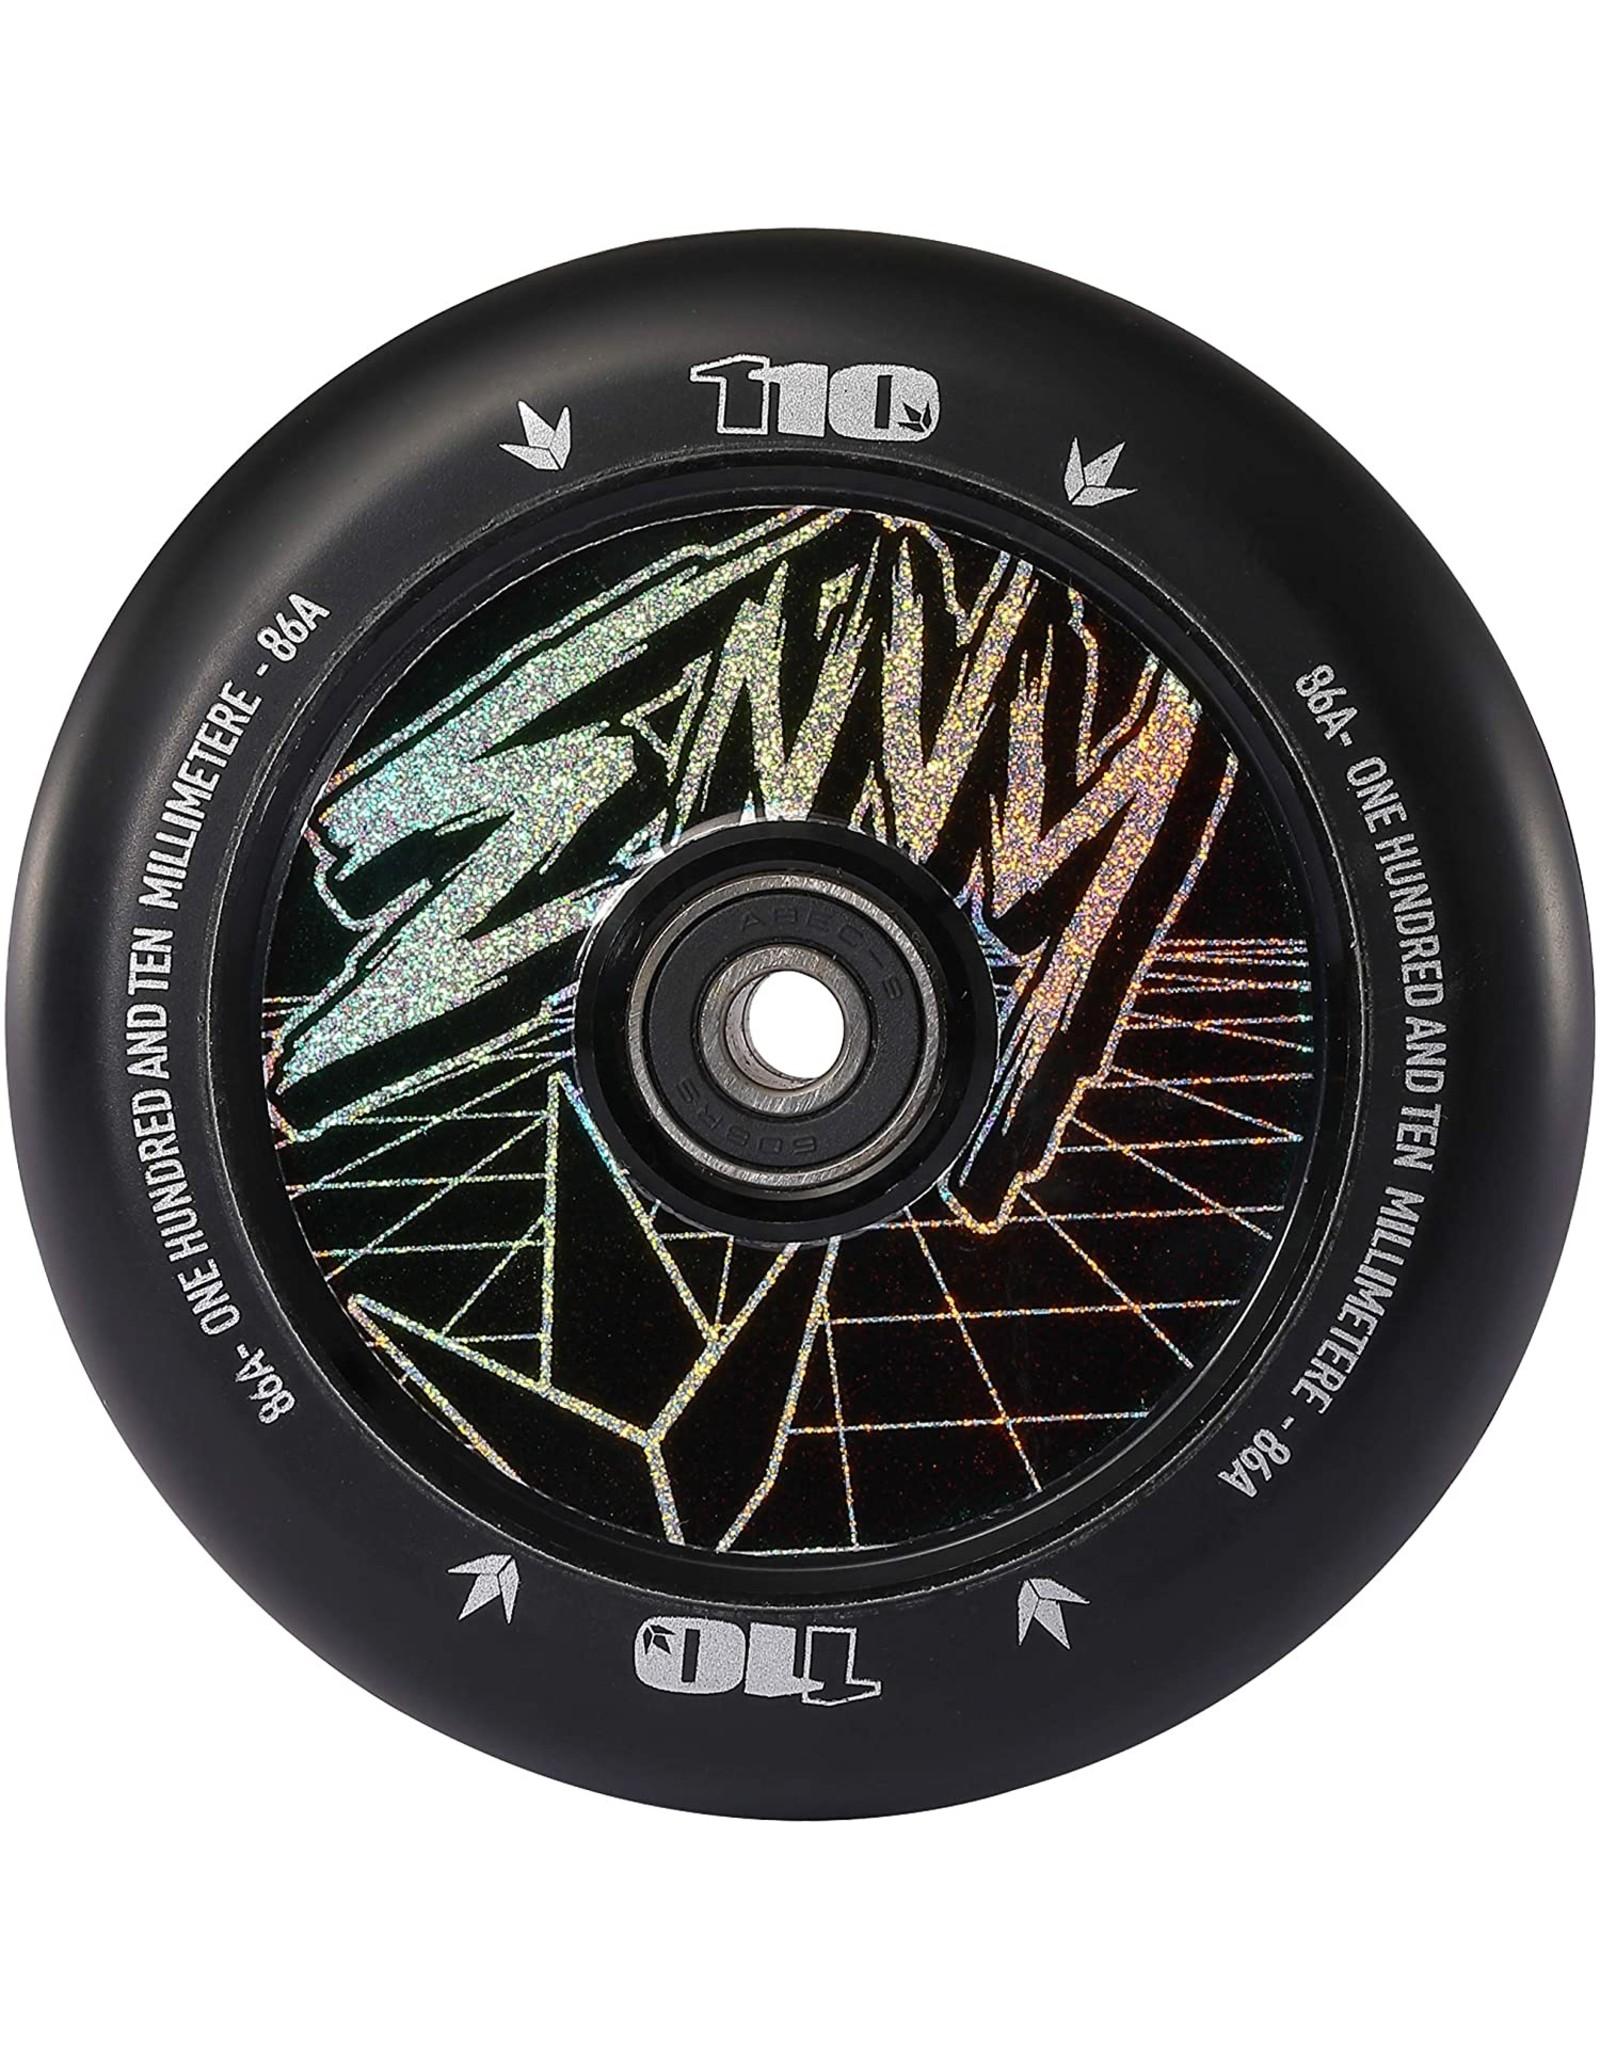 Envy Roue Envy Hollow Core Classic Hologram 110mm